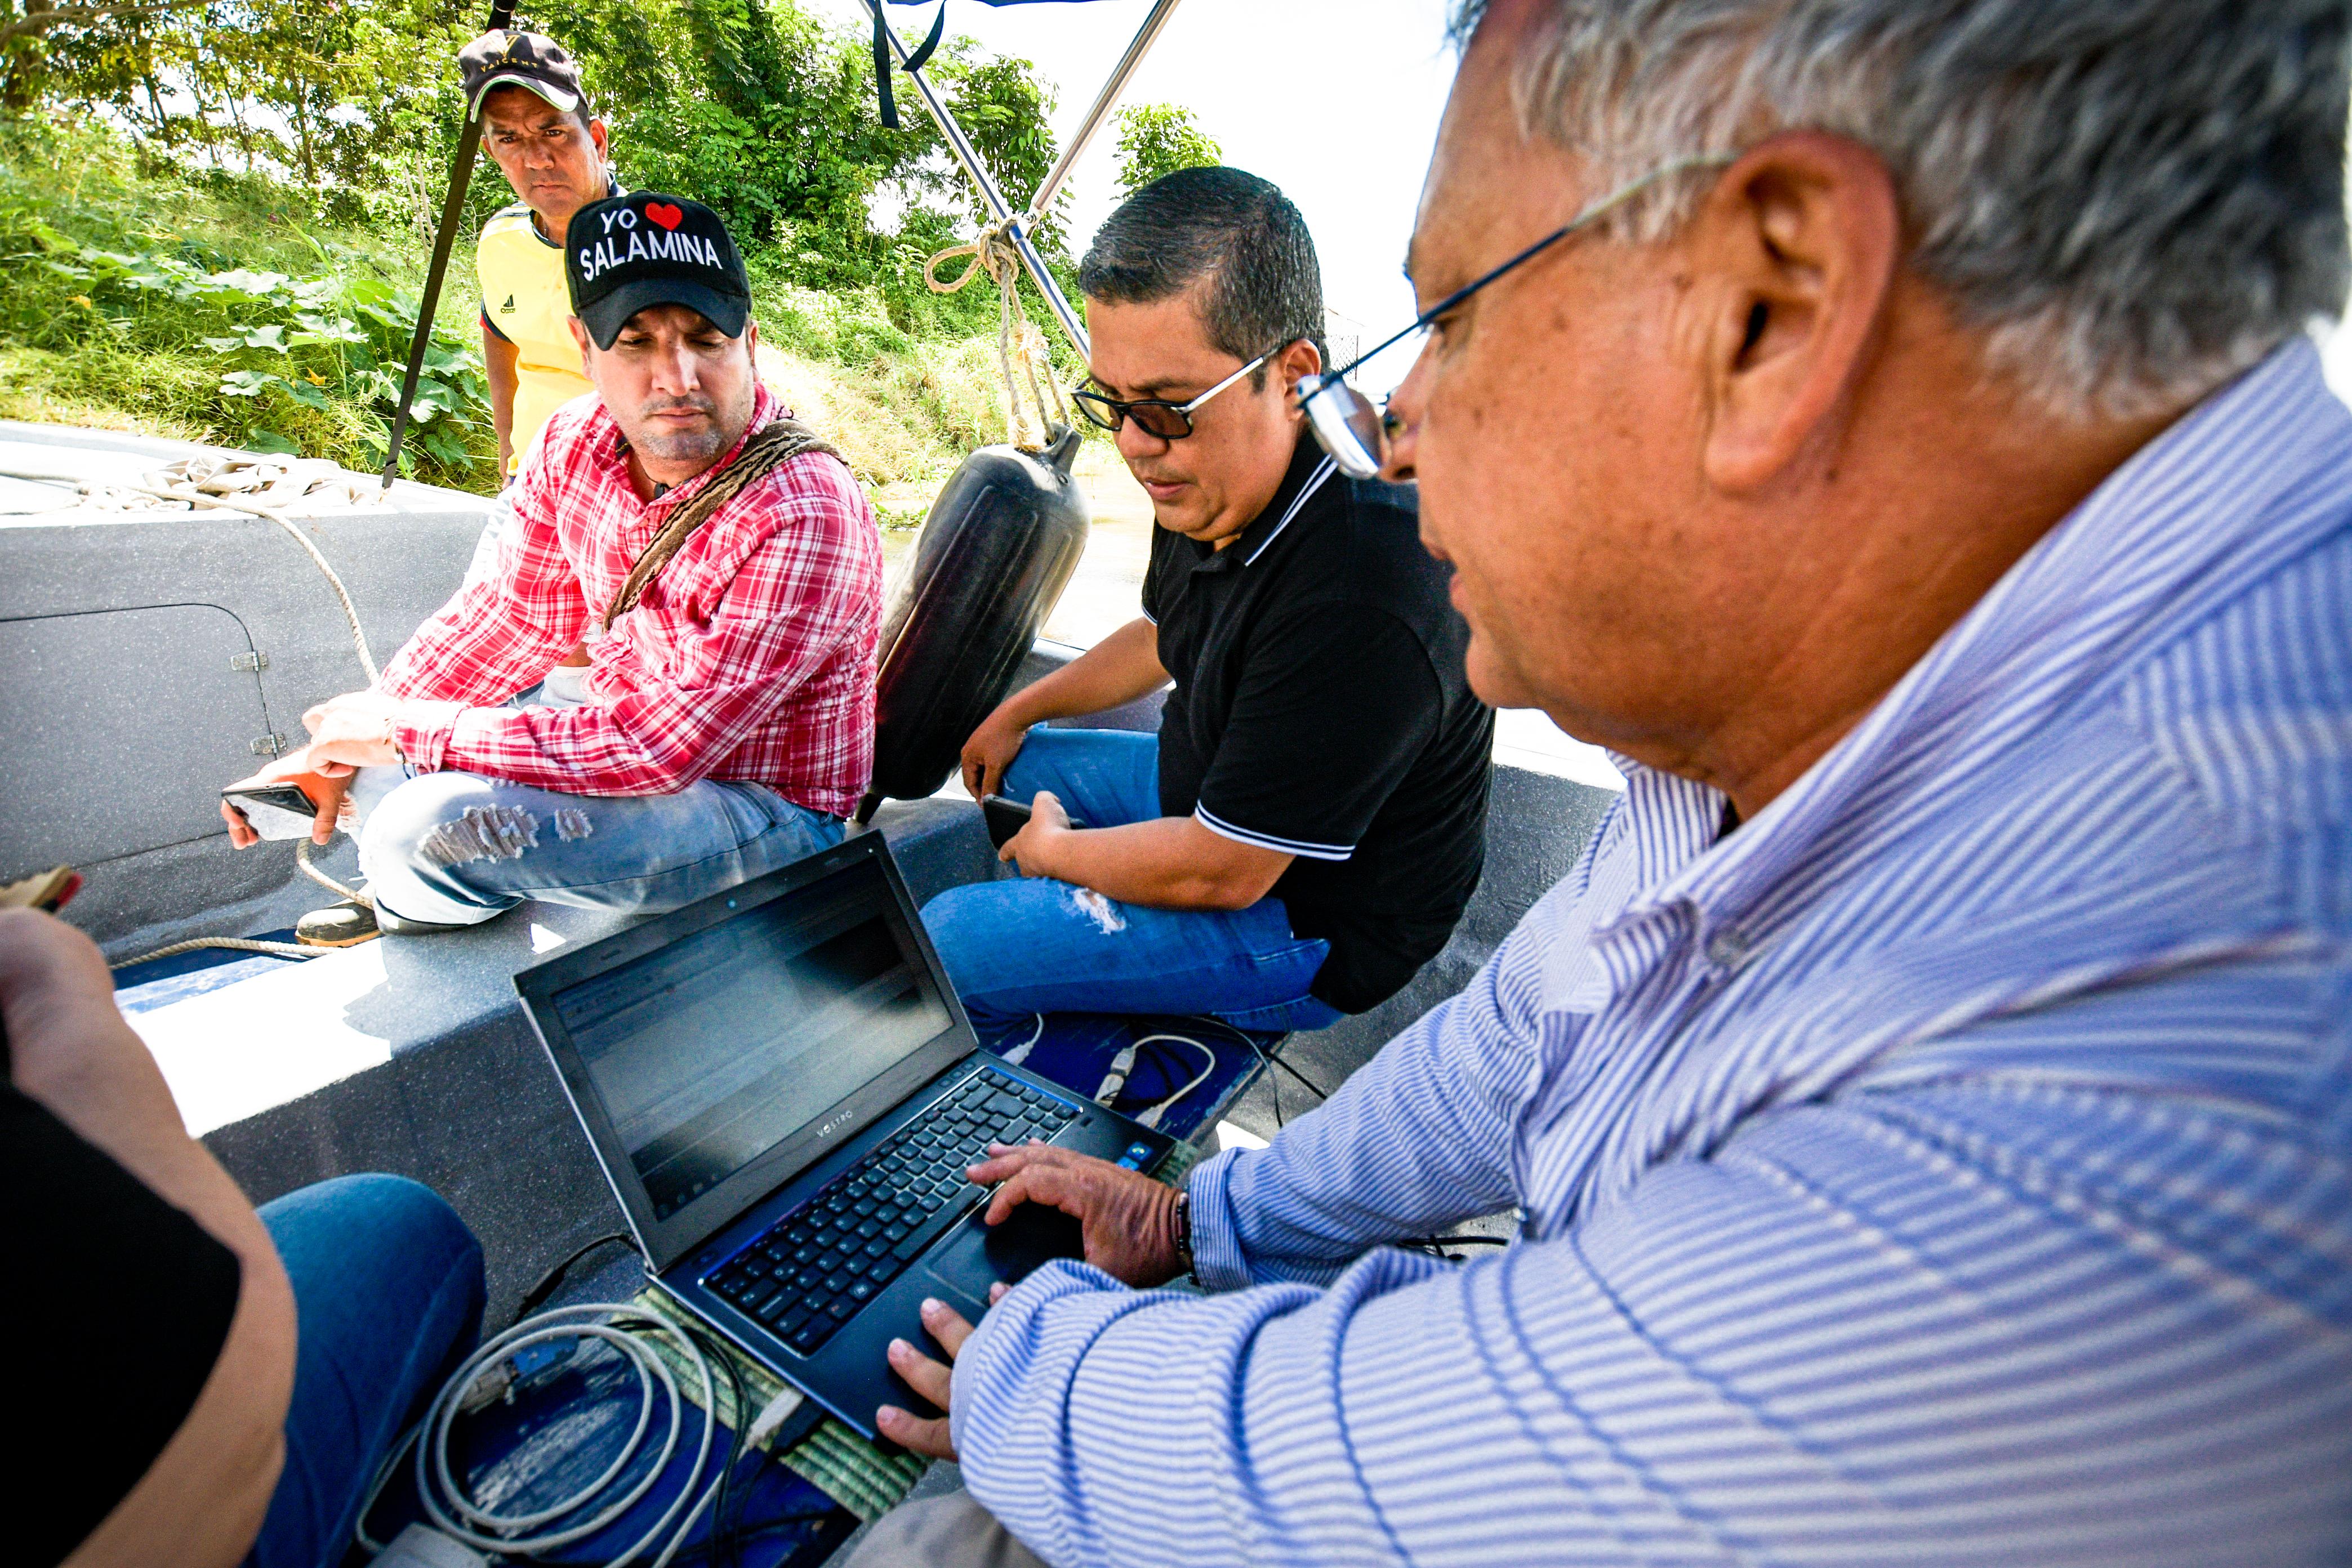 El alcalde José Díaz y el palmicultor Luis Guillermo Ossa miran el estudio de batimetría realizado en el sitio de la emergencia.